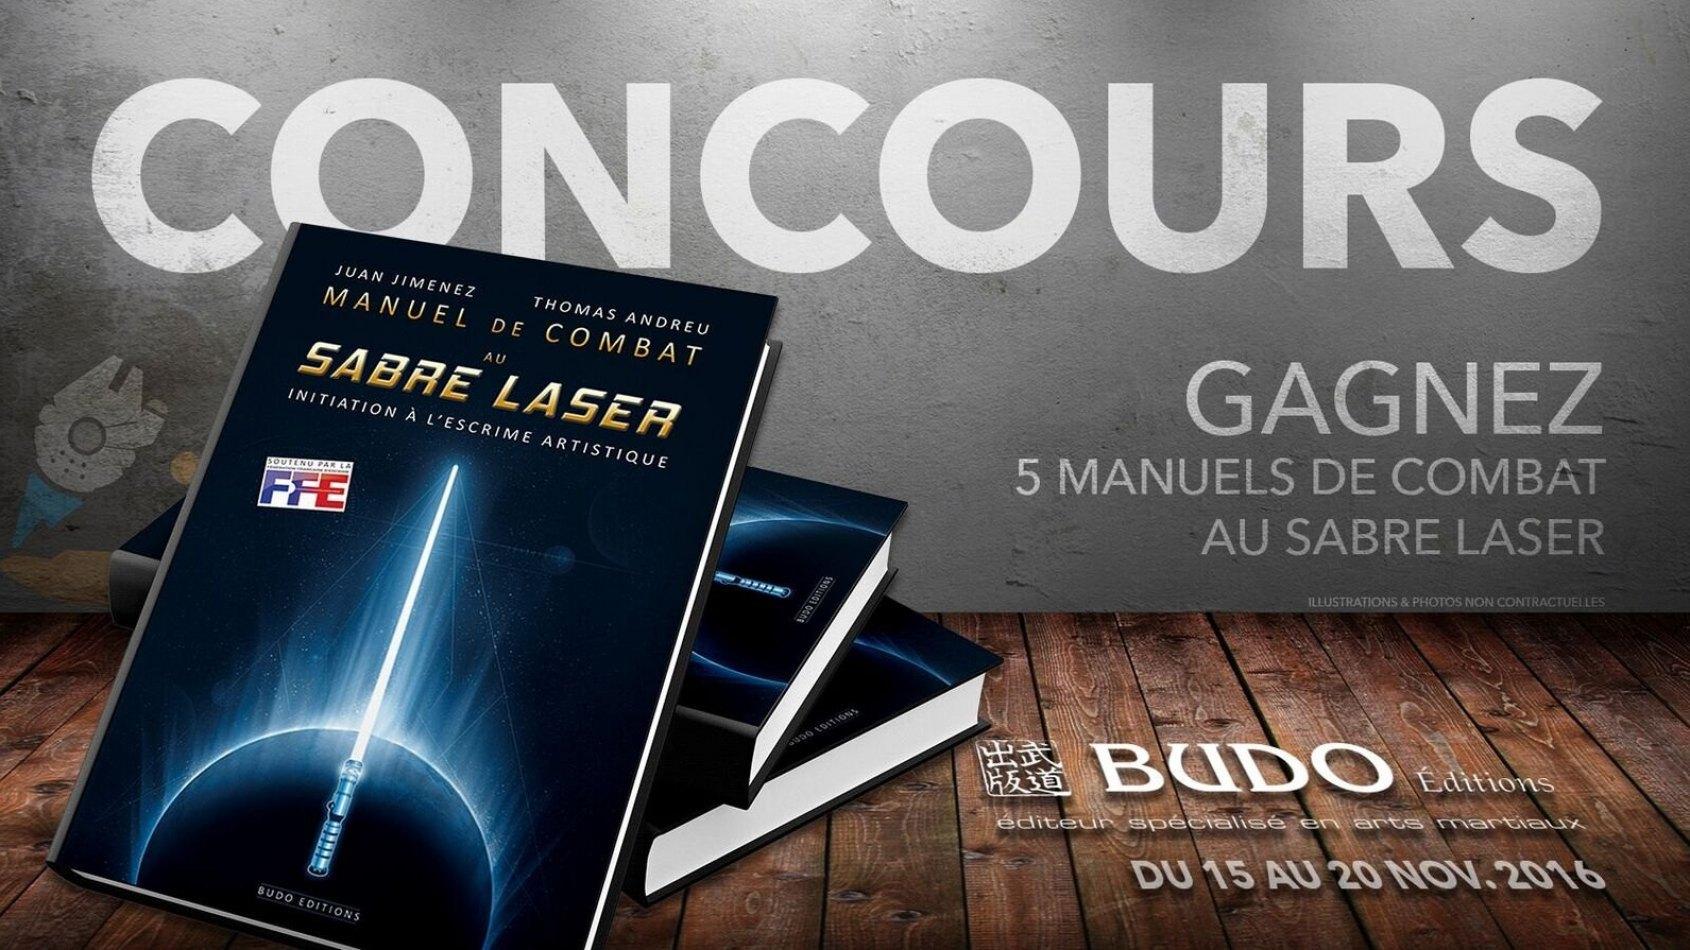 Concours : Gagnez 5 Manuels de Combat au Sabre Laser